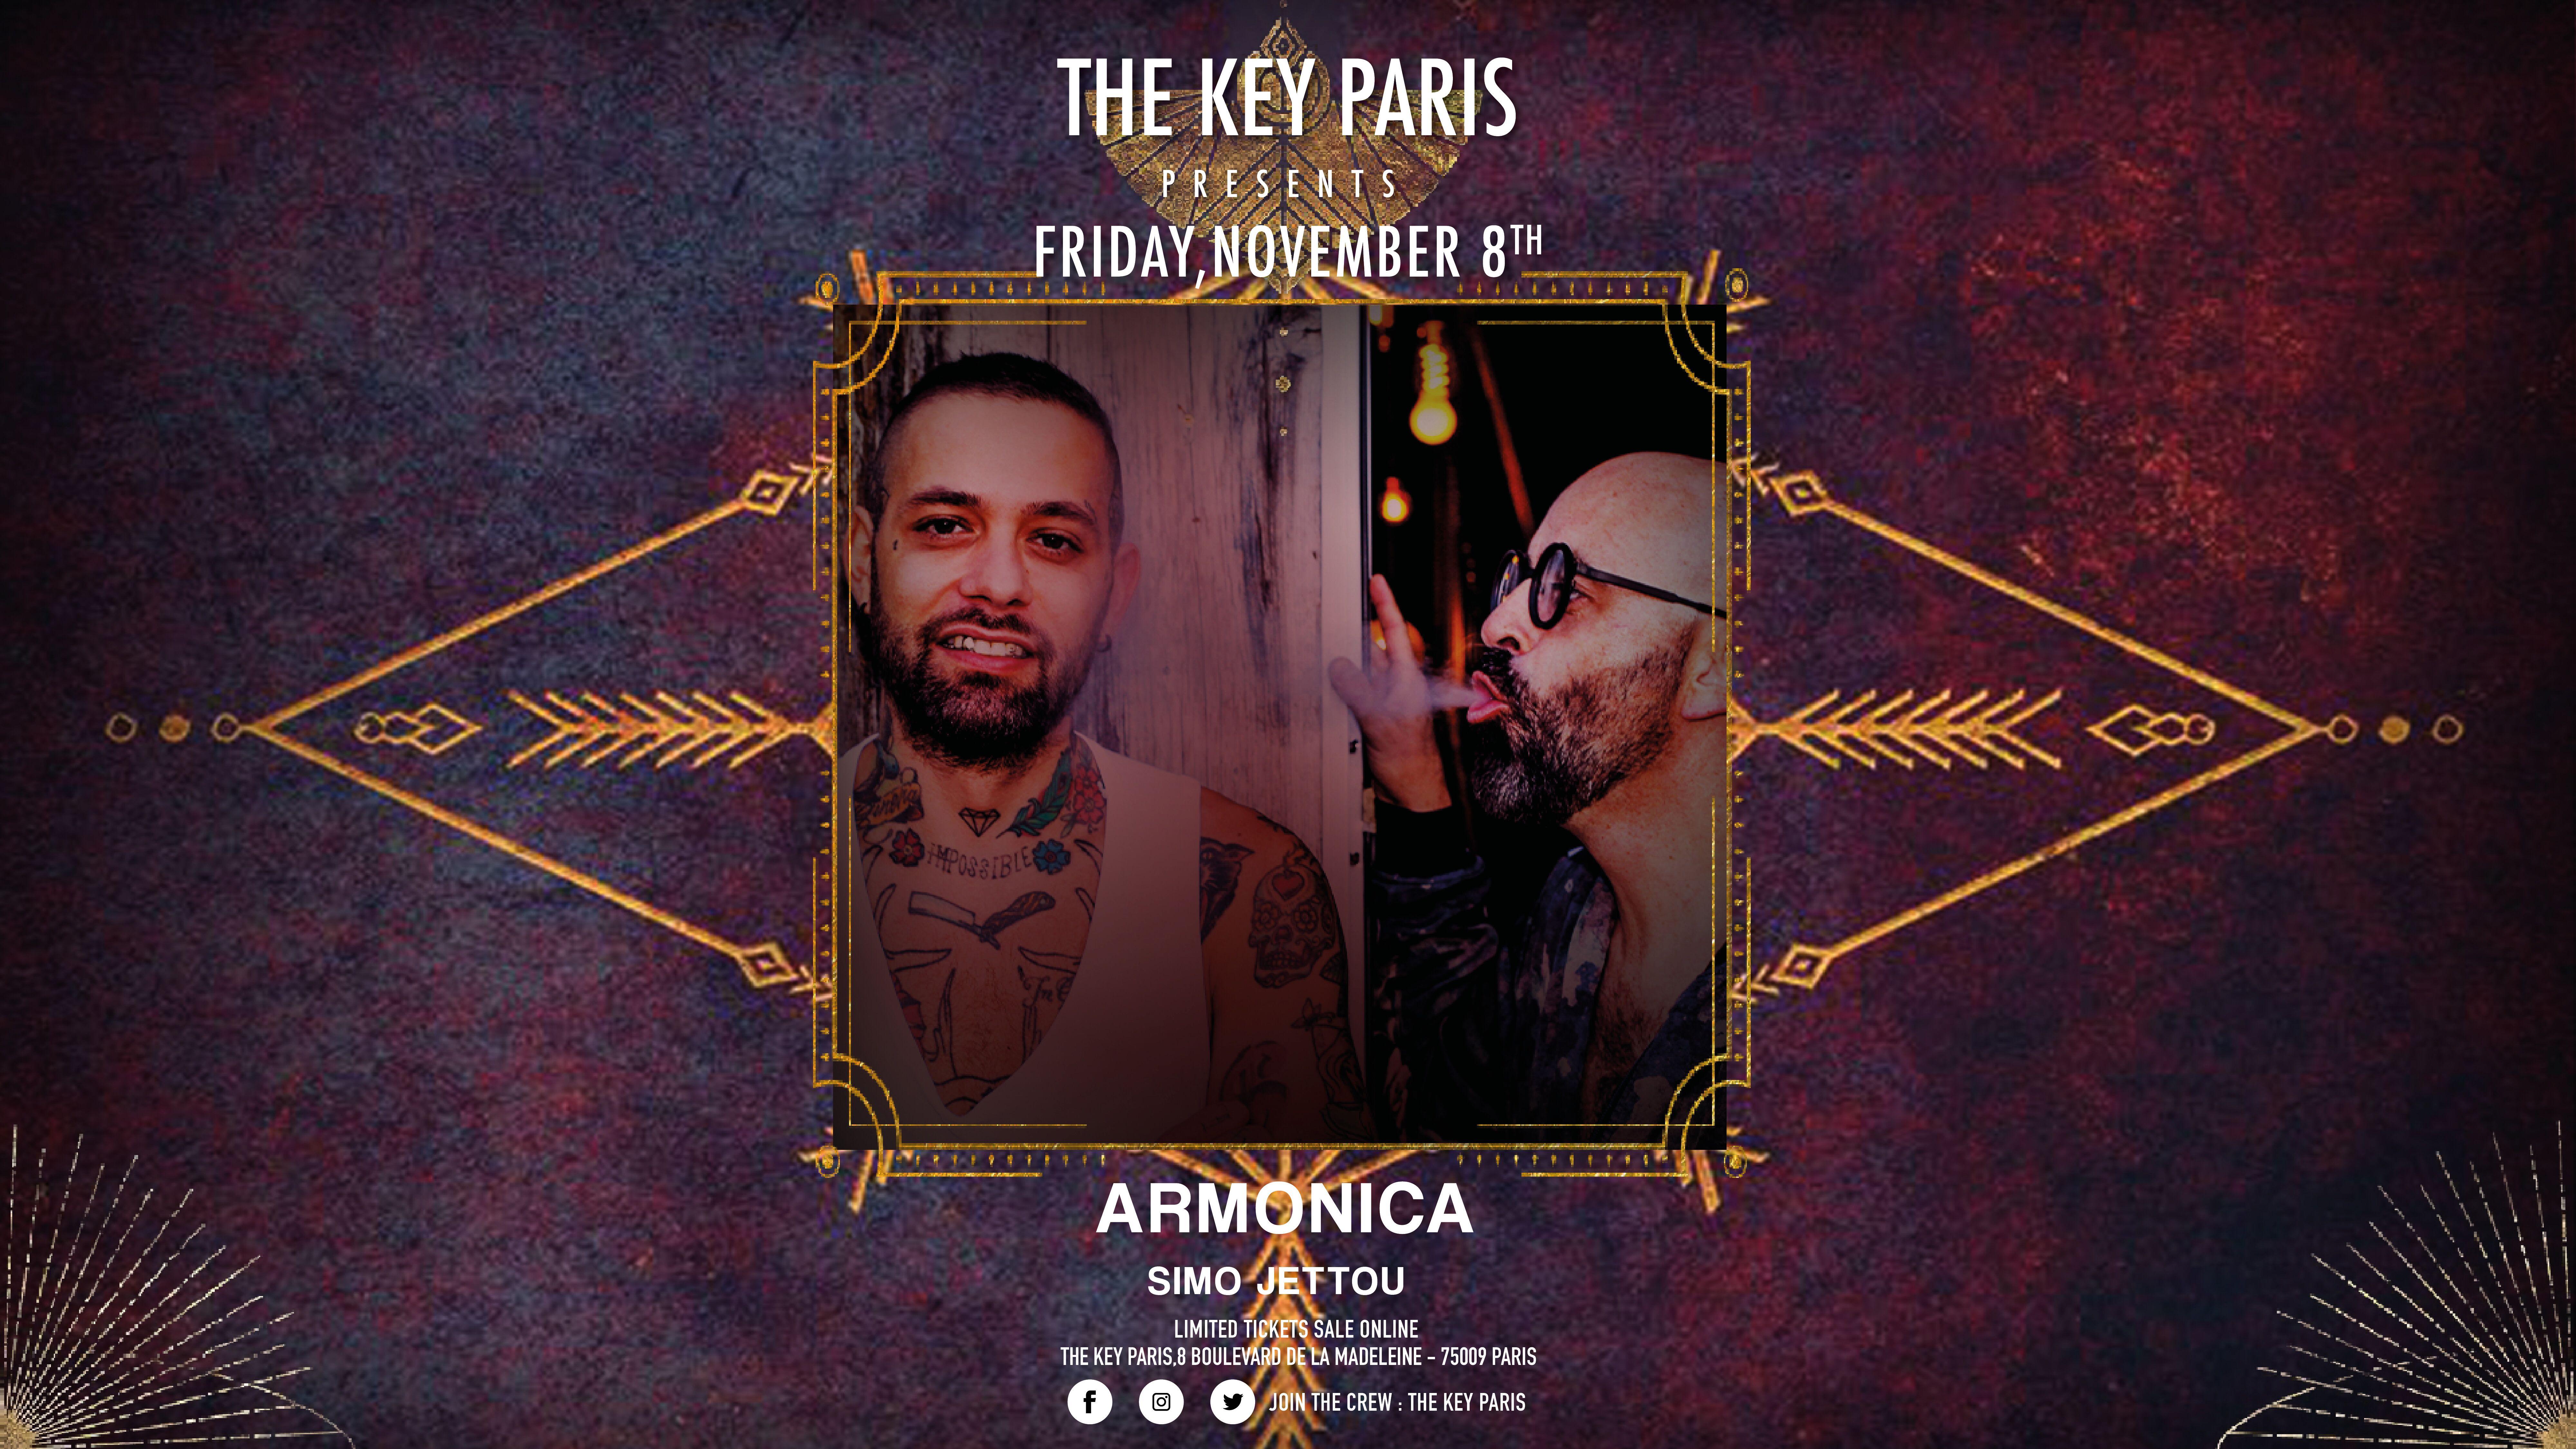 The Key Paris presents Armonica & Simo Jettou